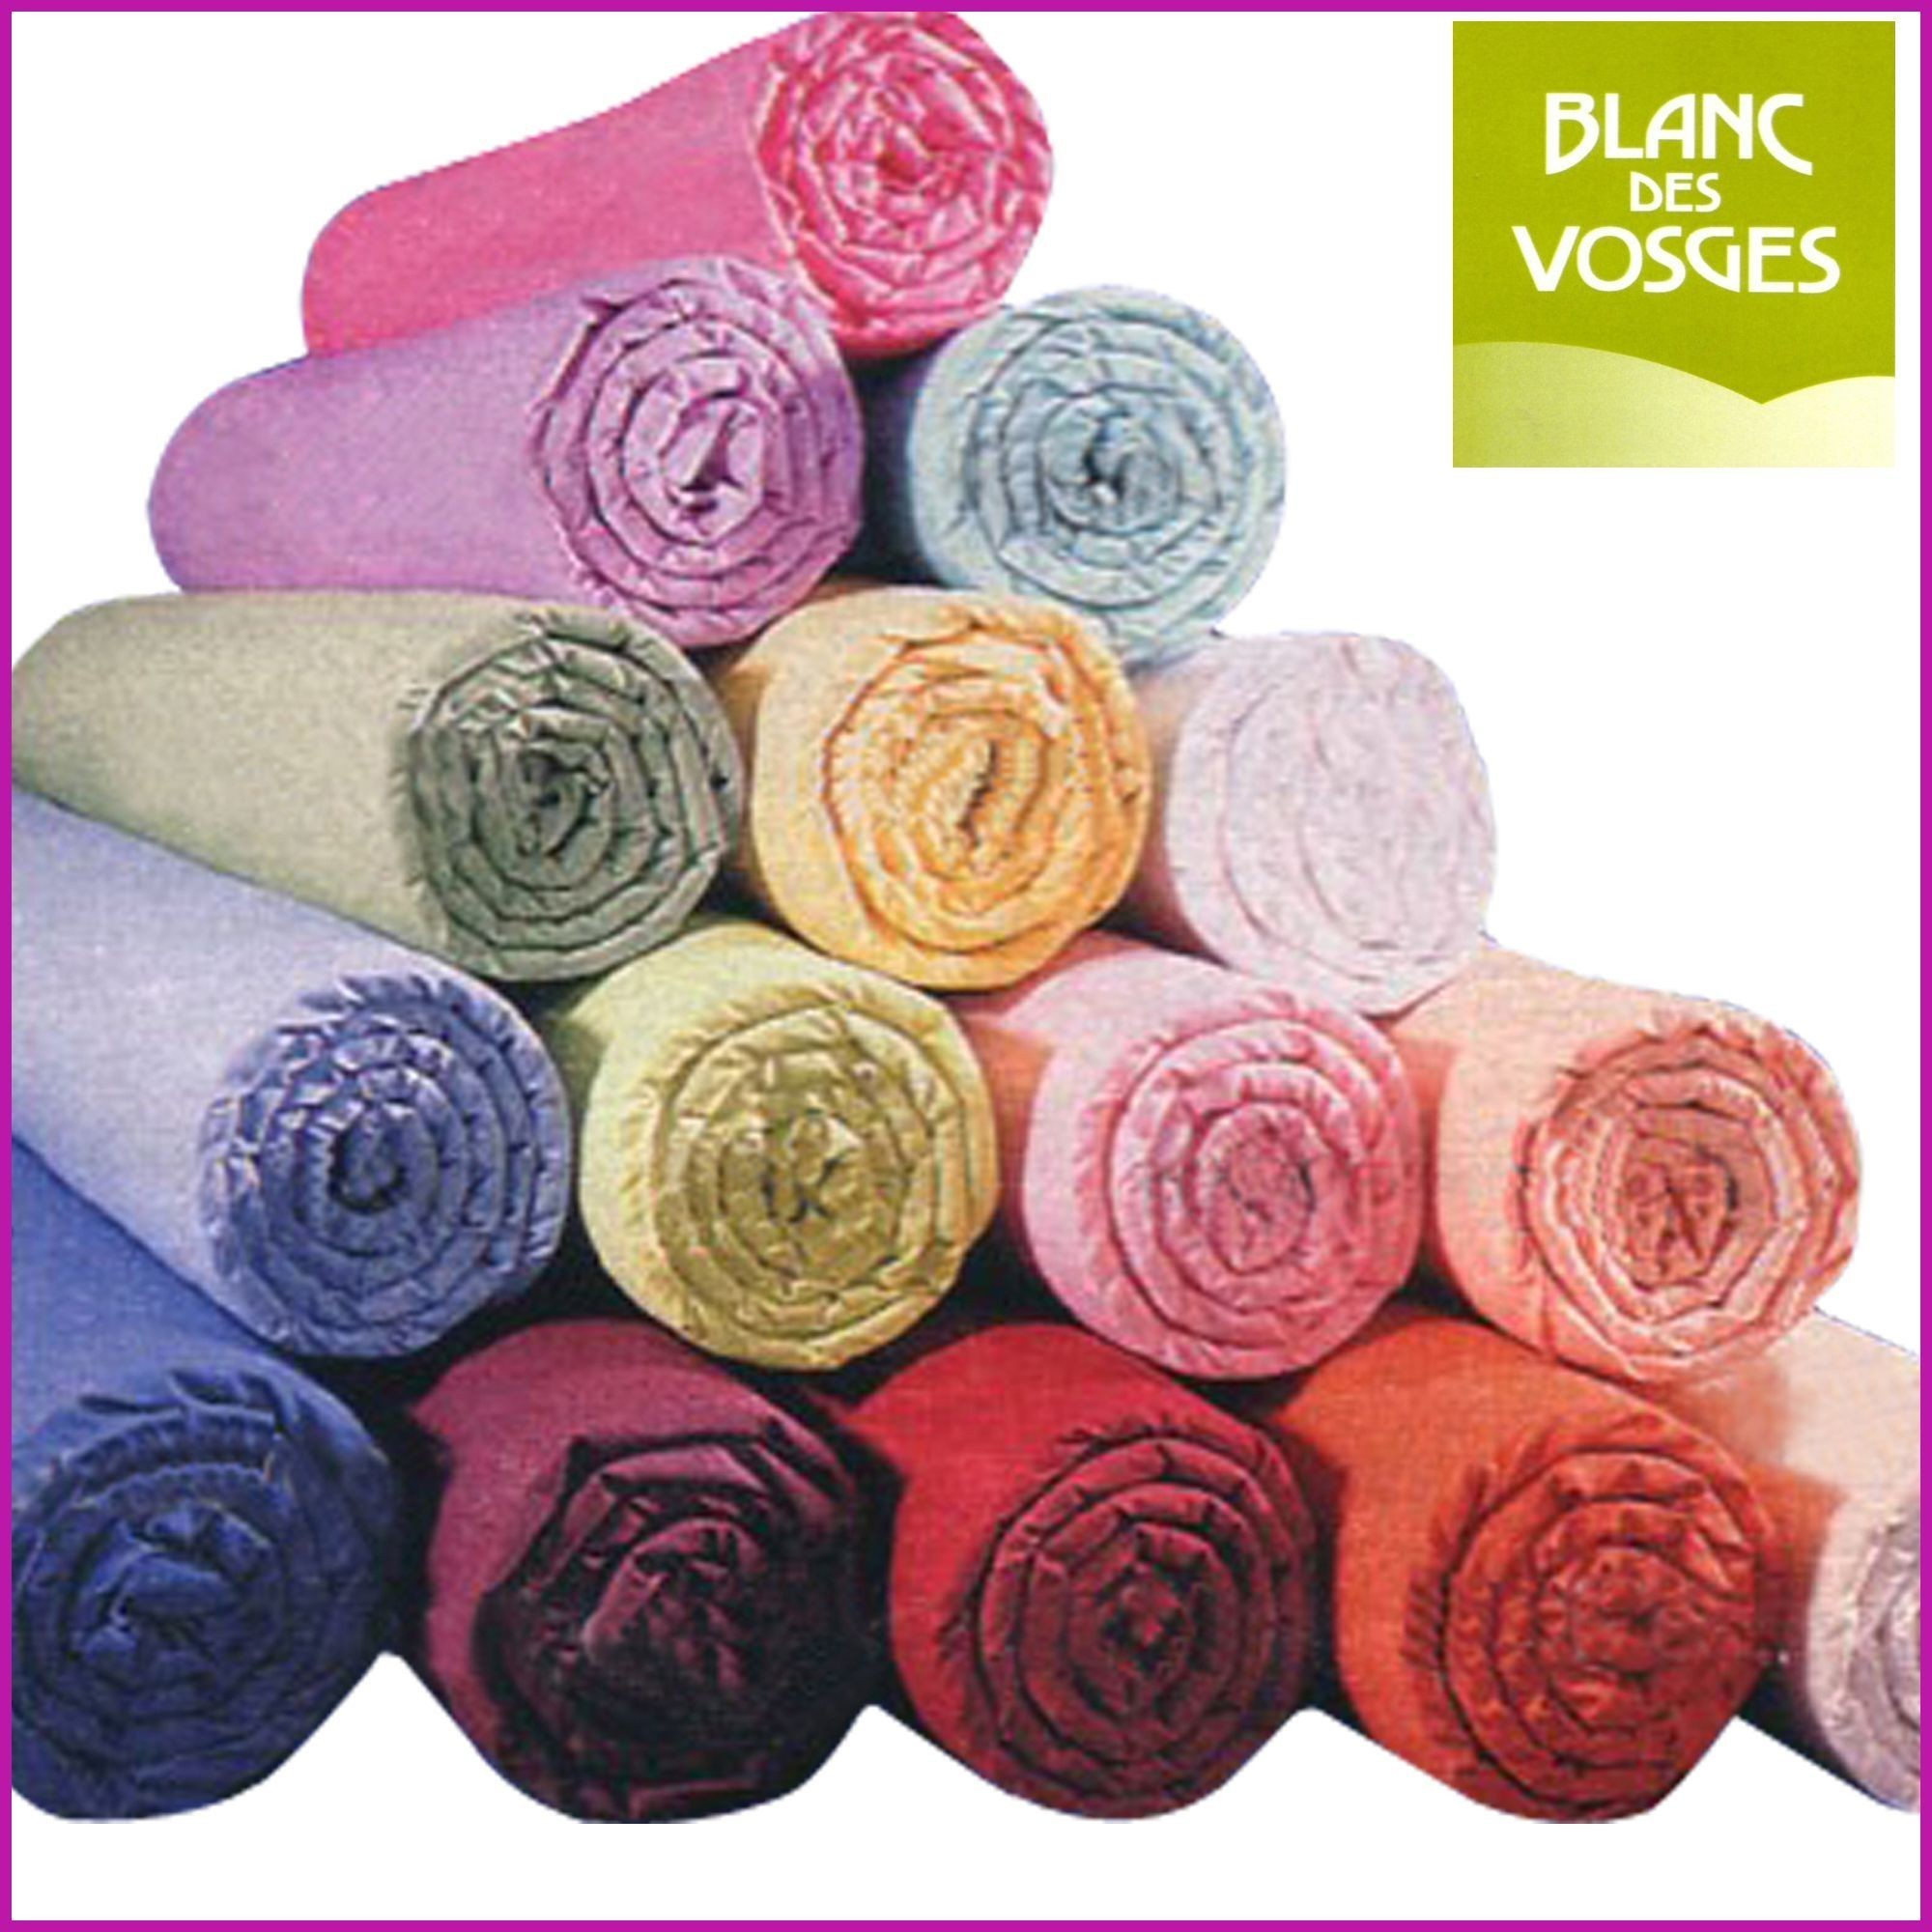 acheter drap housse 100 coton blanc des vosges 100 x 190 1 pers blanc coton bdv pas cher. Black Bedroom Furniture Sets. Home Design Ideas